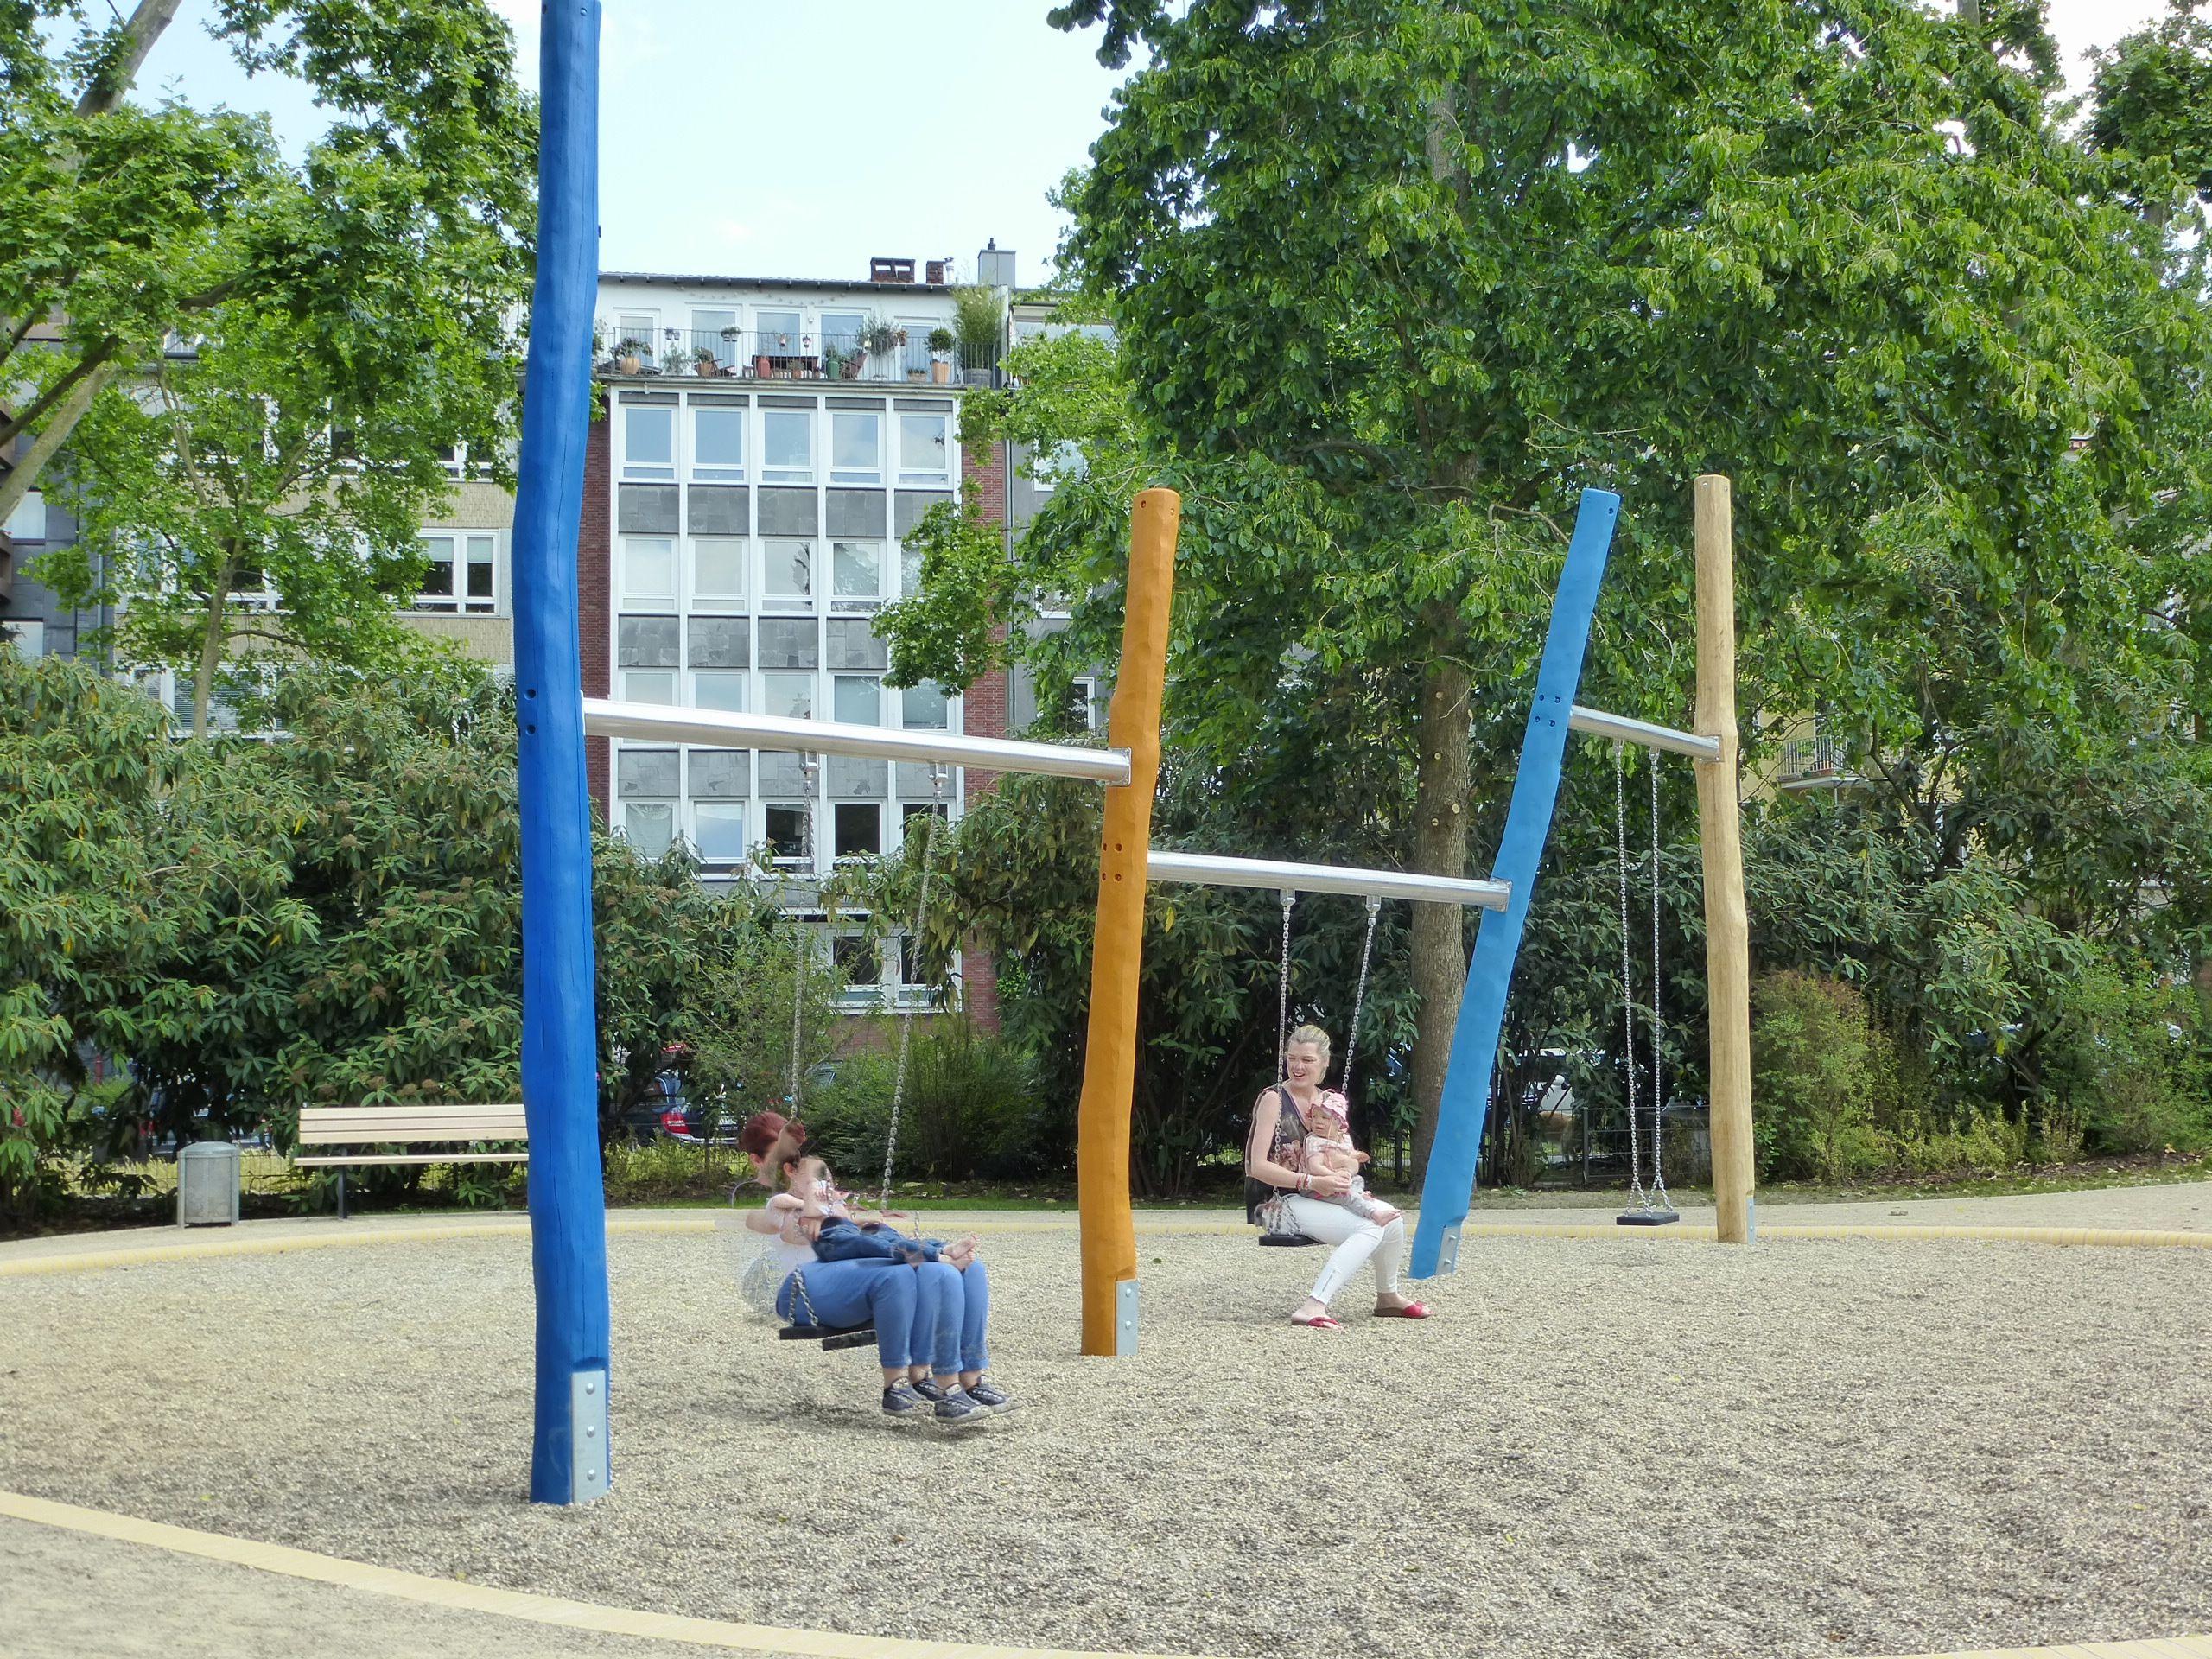 Awesome Kinderland Emsland Spielgeräte: Mehrfachschaukel Stahl Und Holz, Düsseldorf